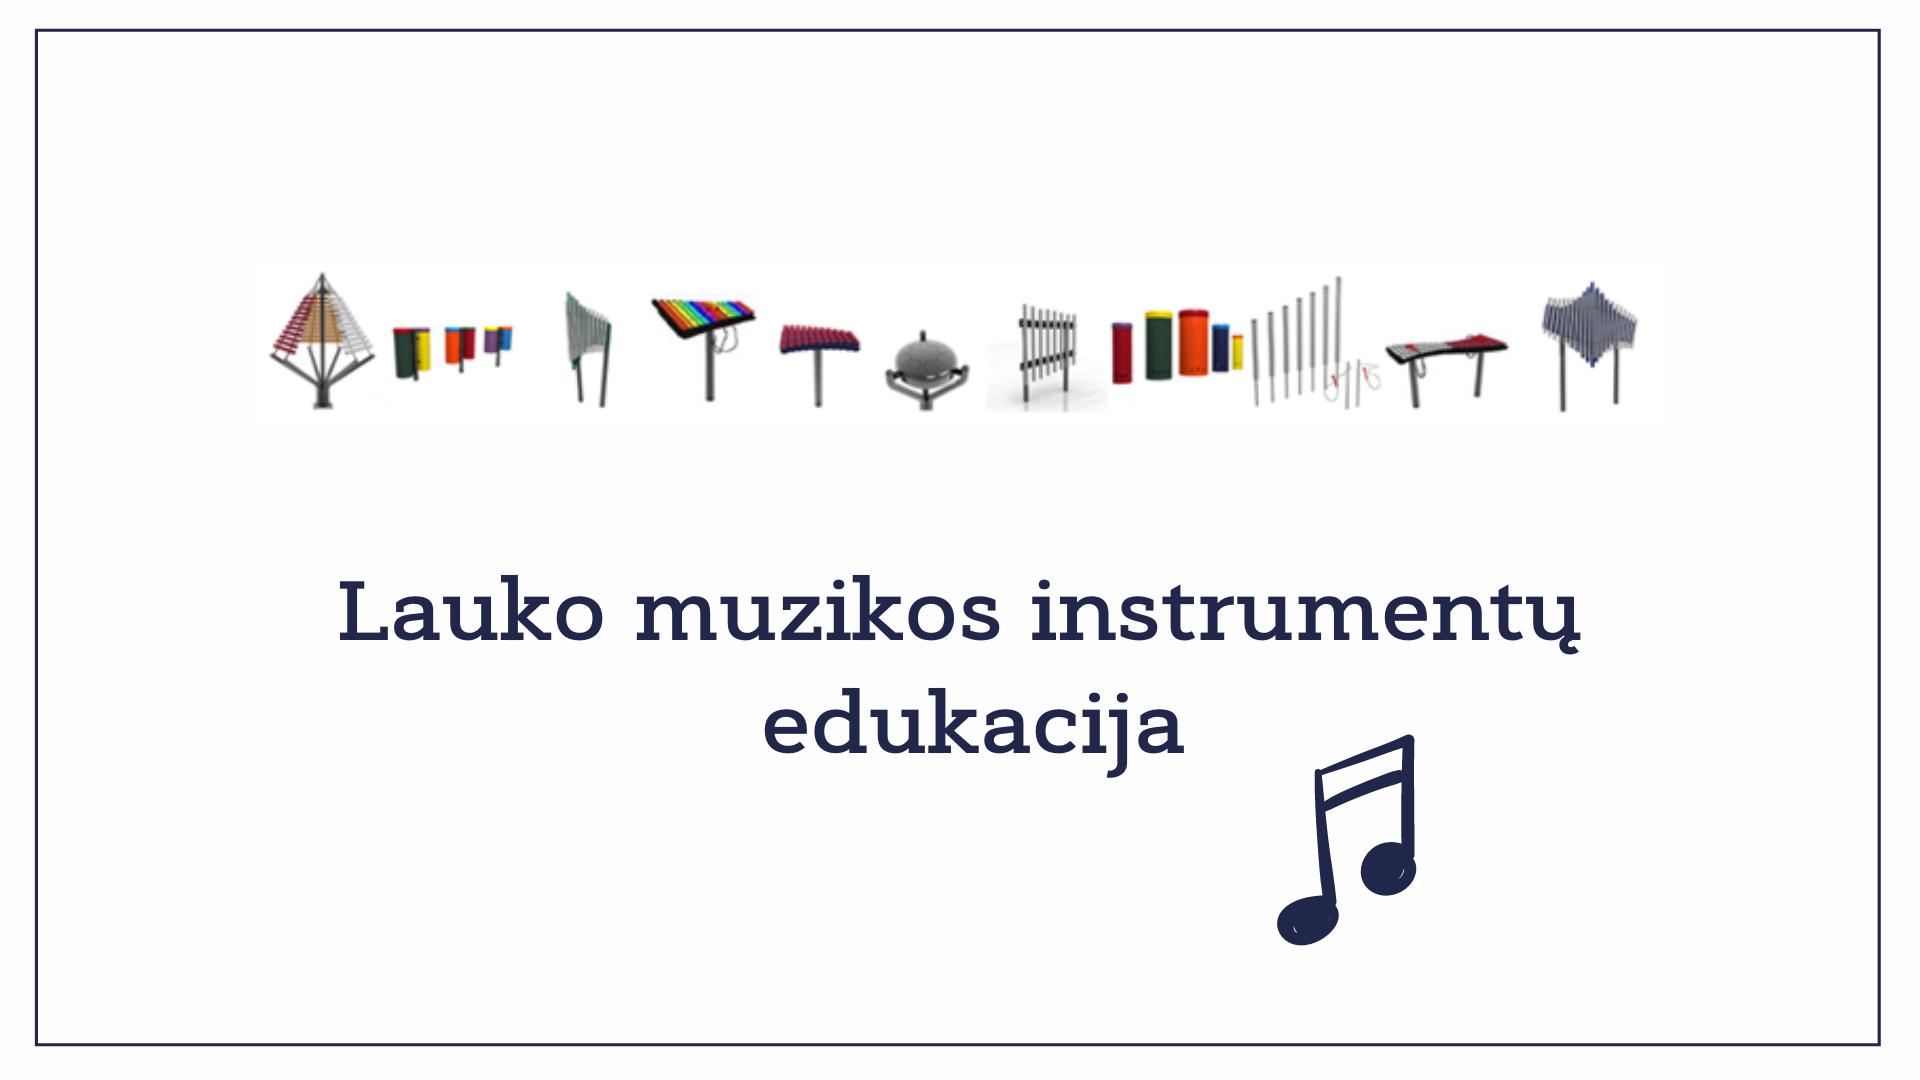 Išmėginkite lauko muzikos instrumentus